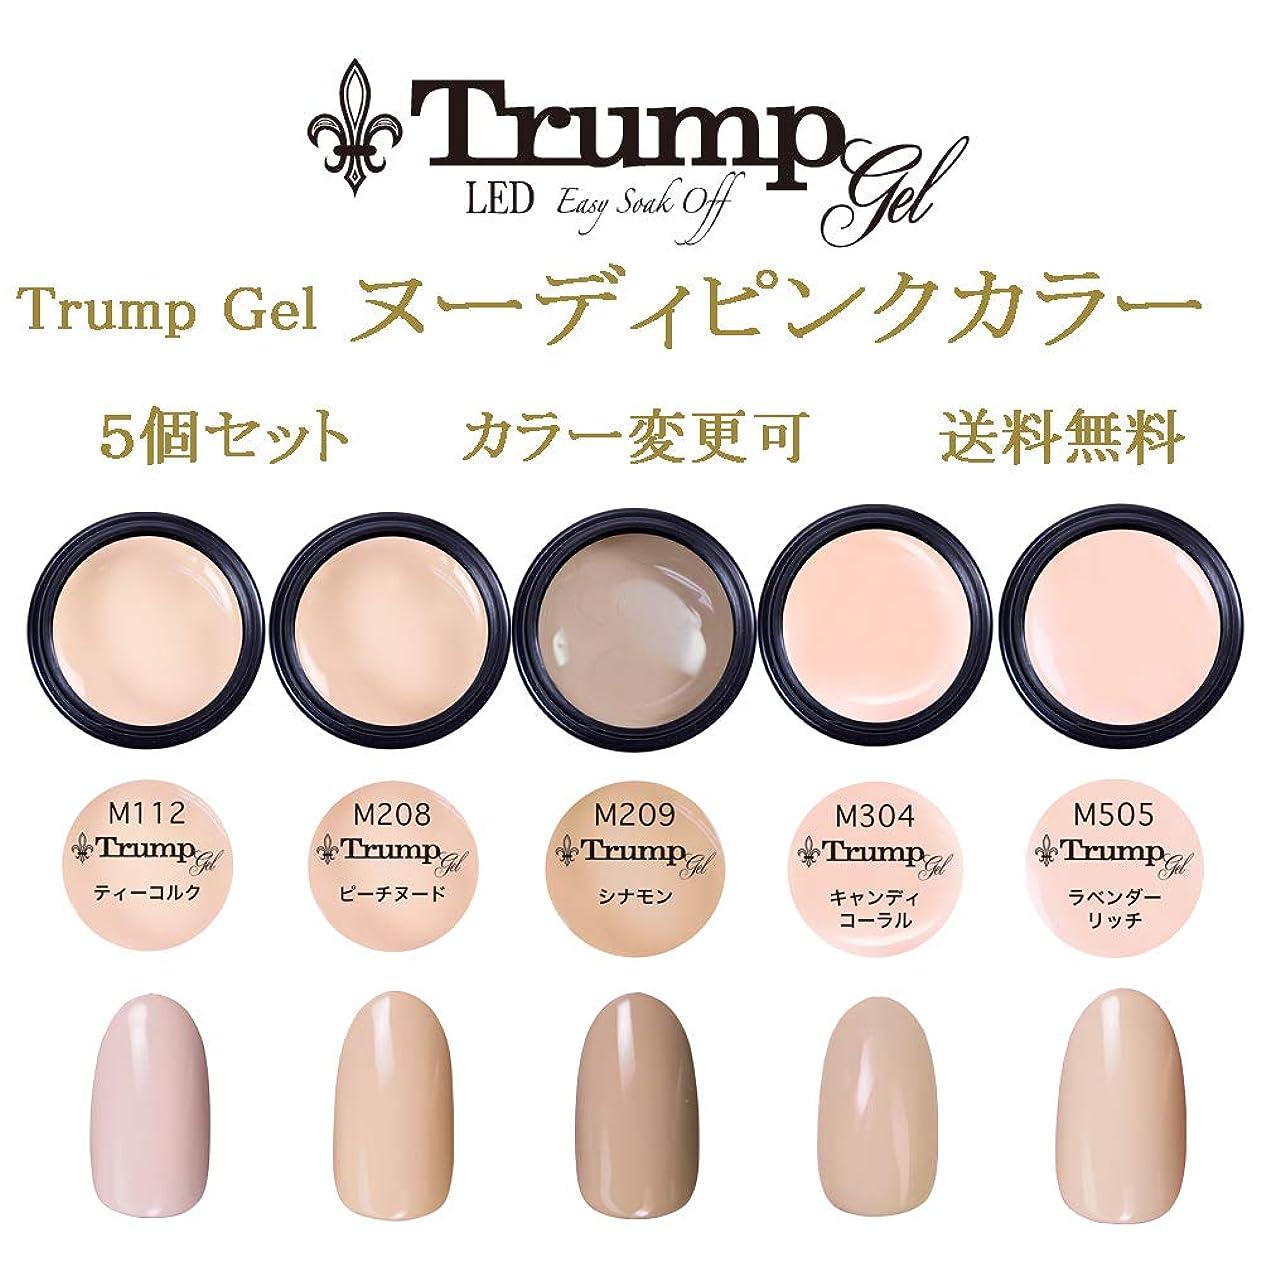 悪党直感先史時代の日本製 Trump gel トランプジェル ヌーディピンク 選べる カラージェル 5個セット ピンク ベージュ ヌーディカラー